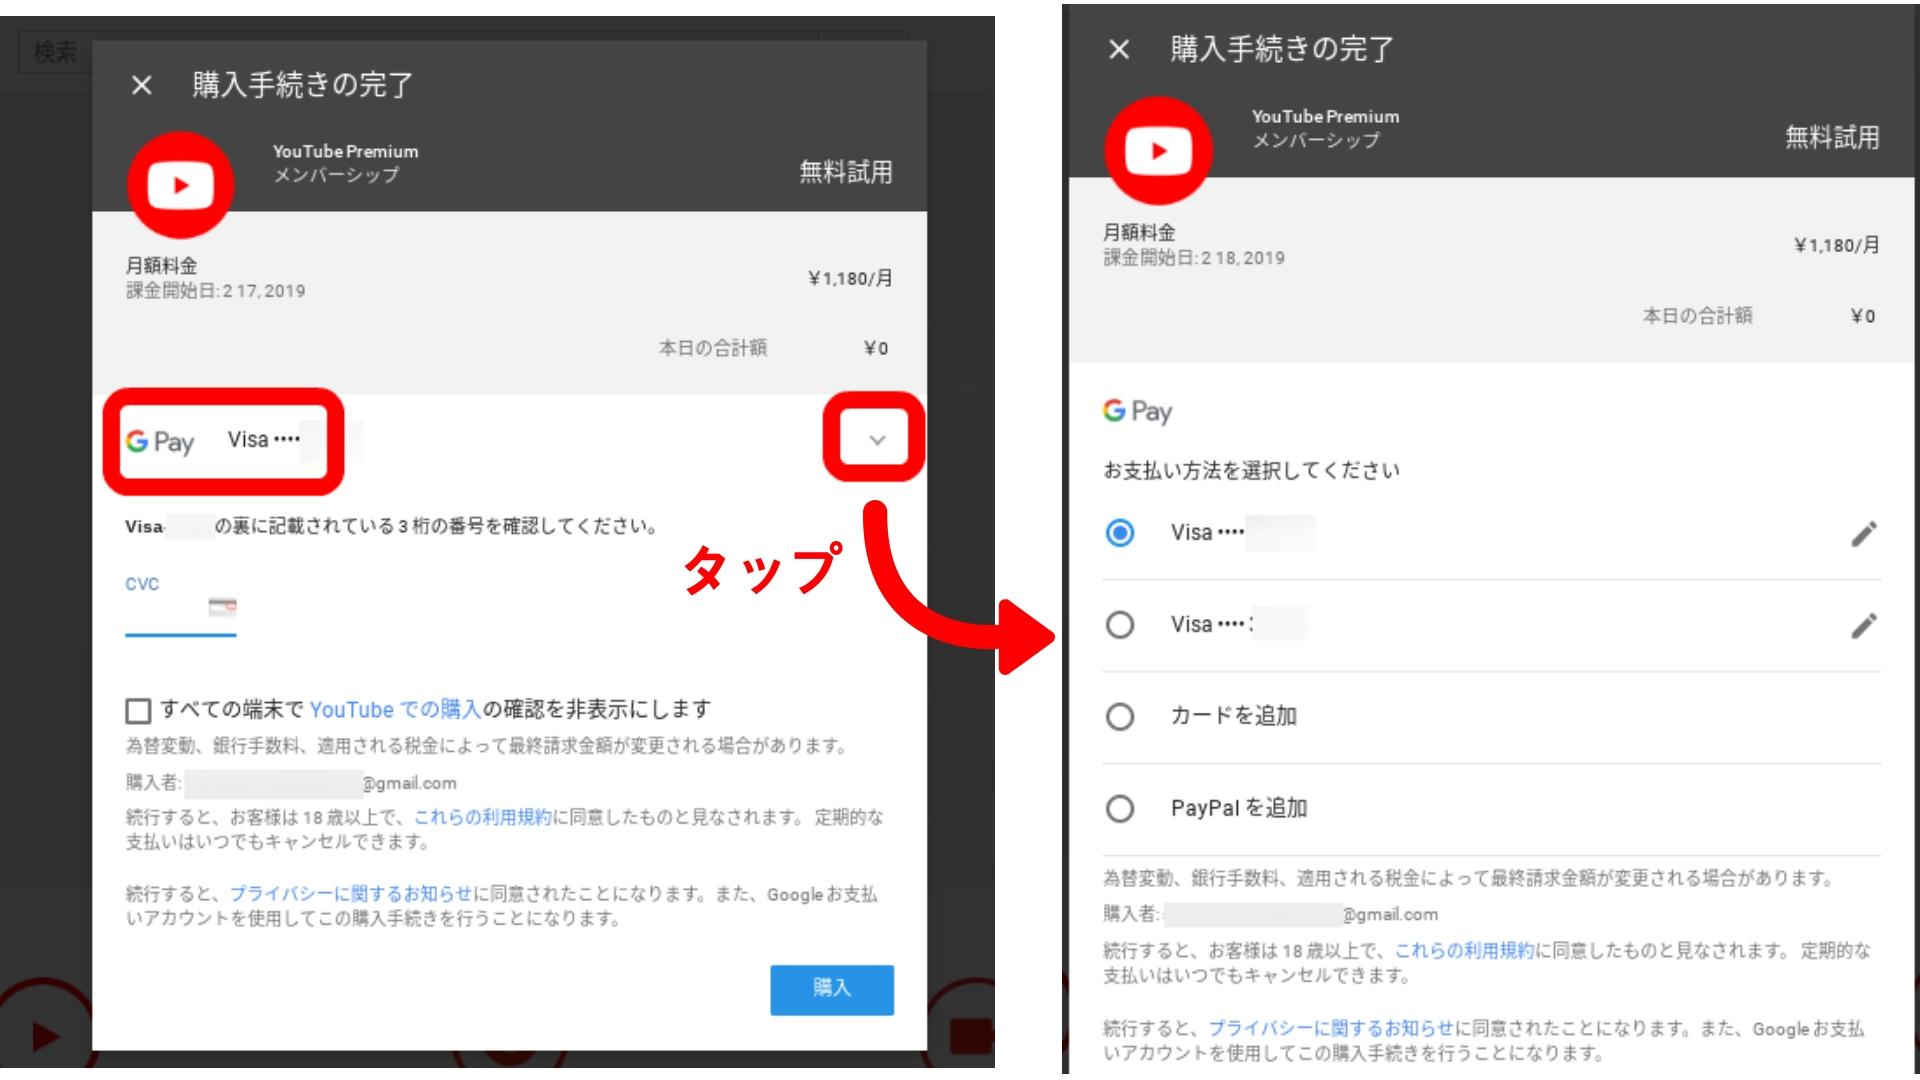 YouTubeプレミアム登録方法3 (1)